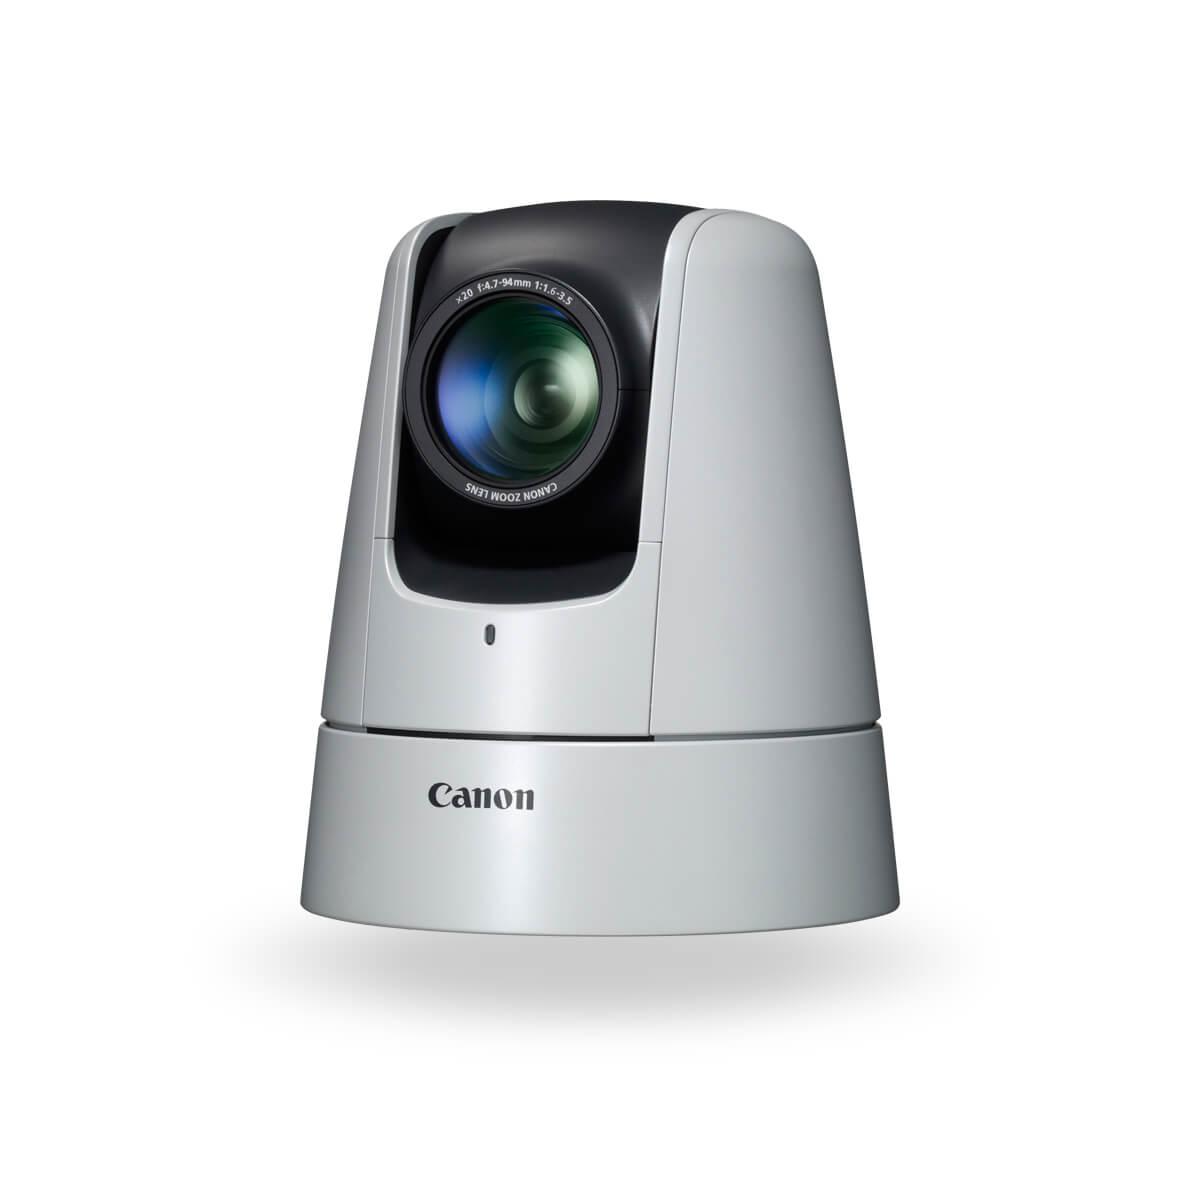 Canon VB-M42 Network Camera